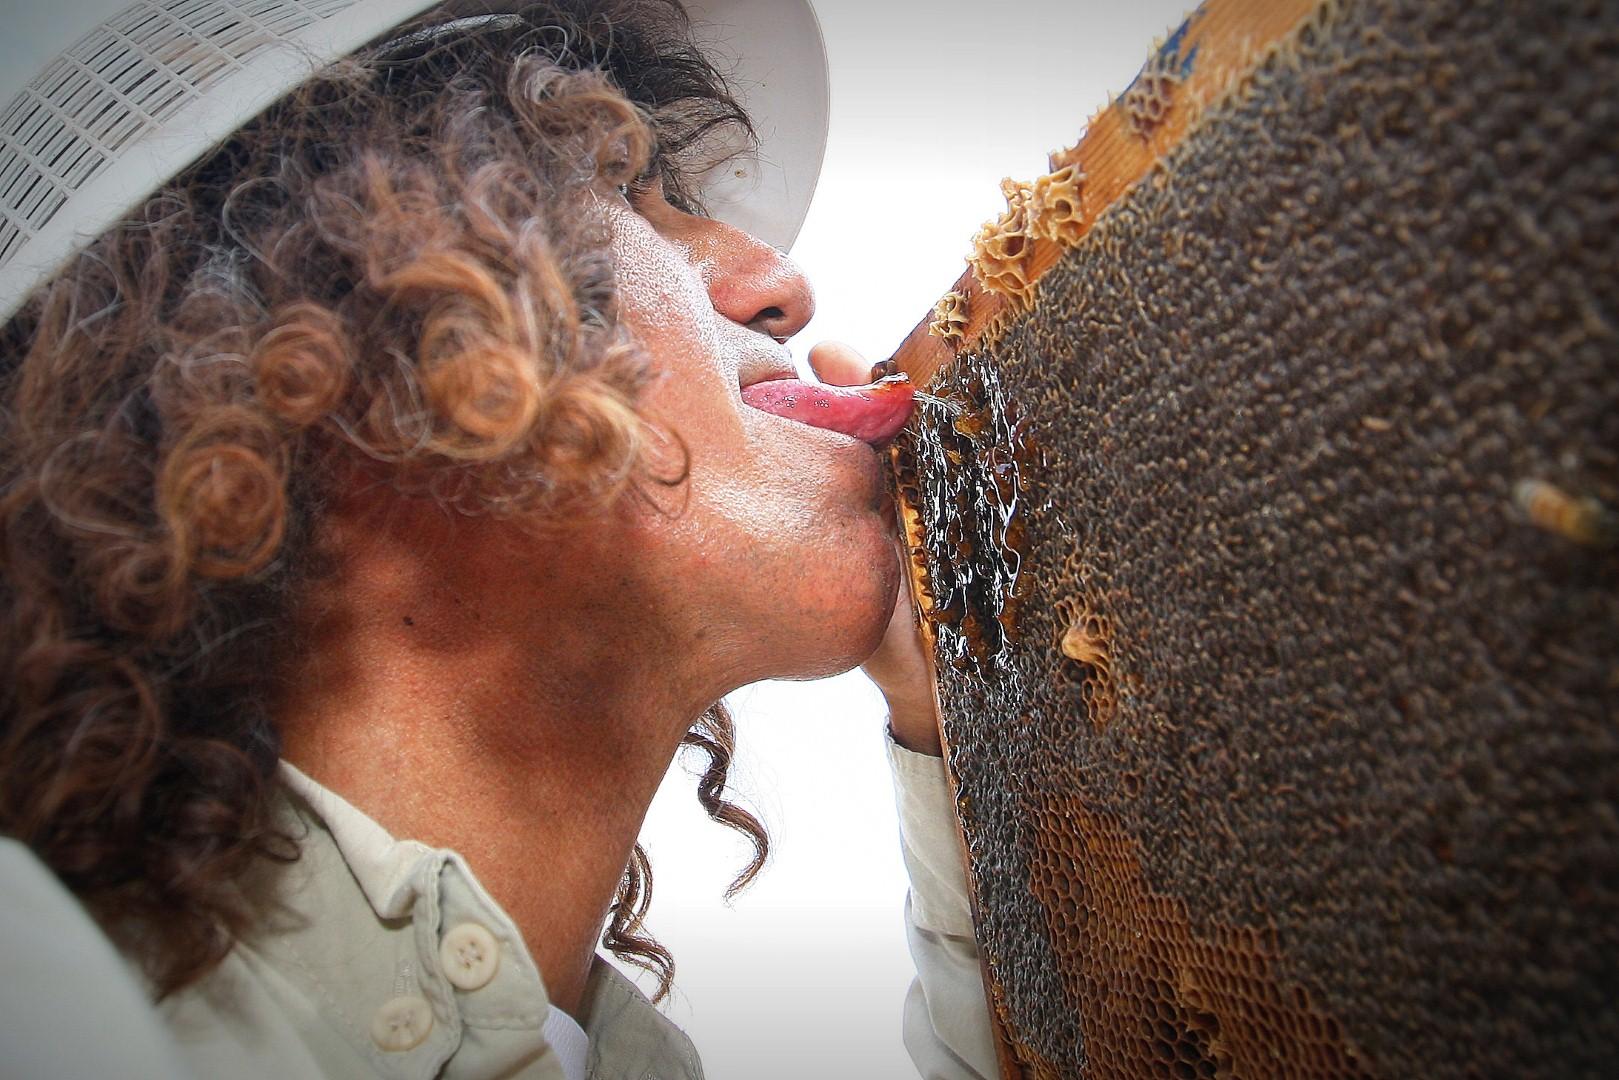 מחובר לדבורים - יצחק אלבז מלקק דבש (צילום: רועי עידן)